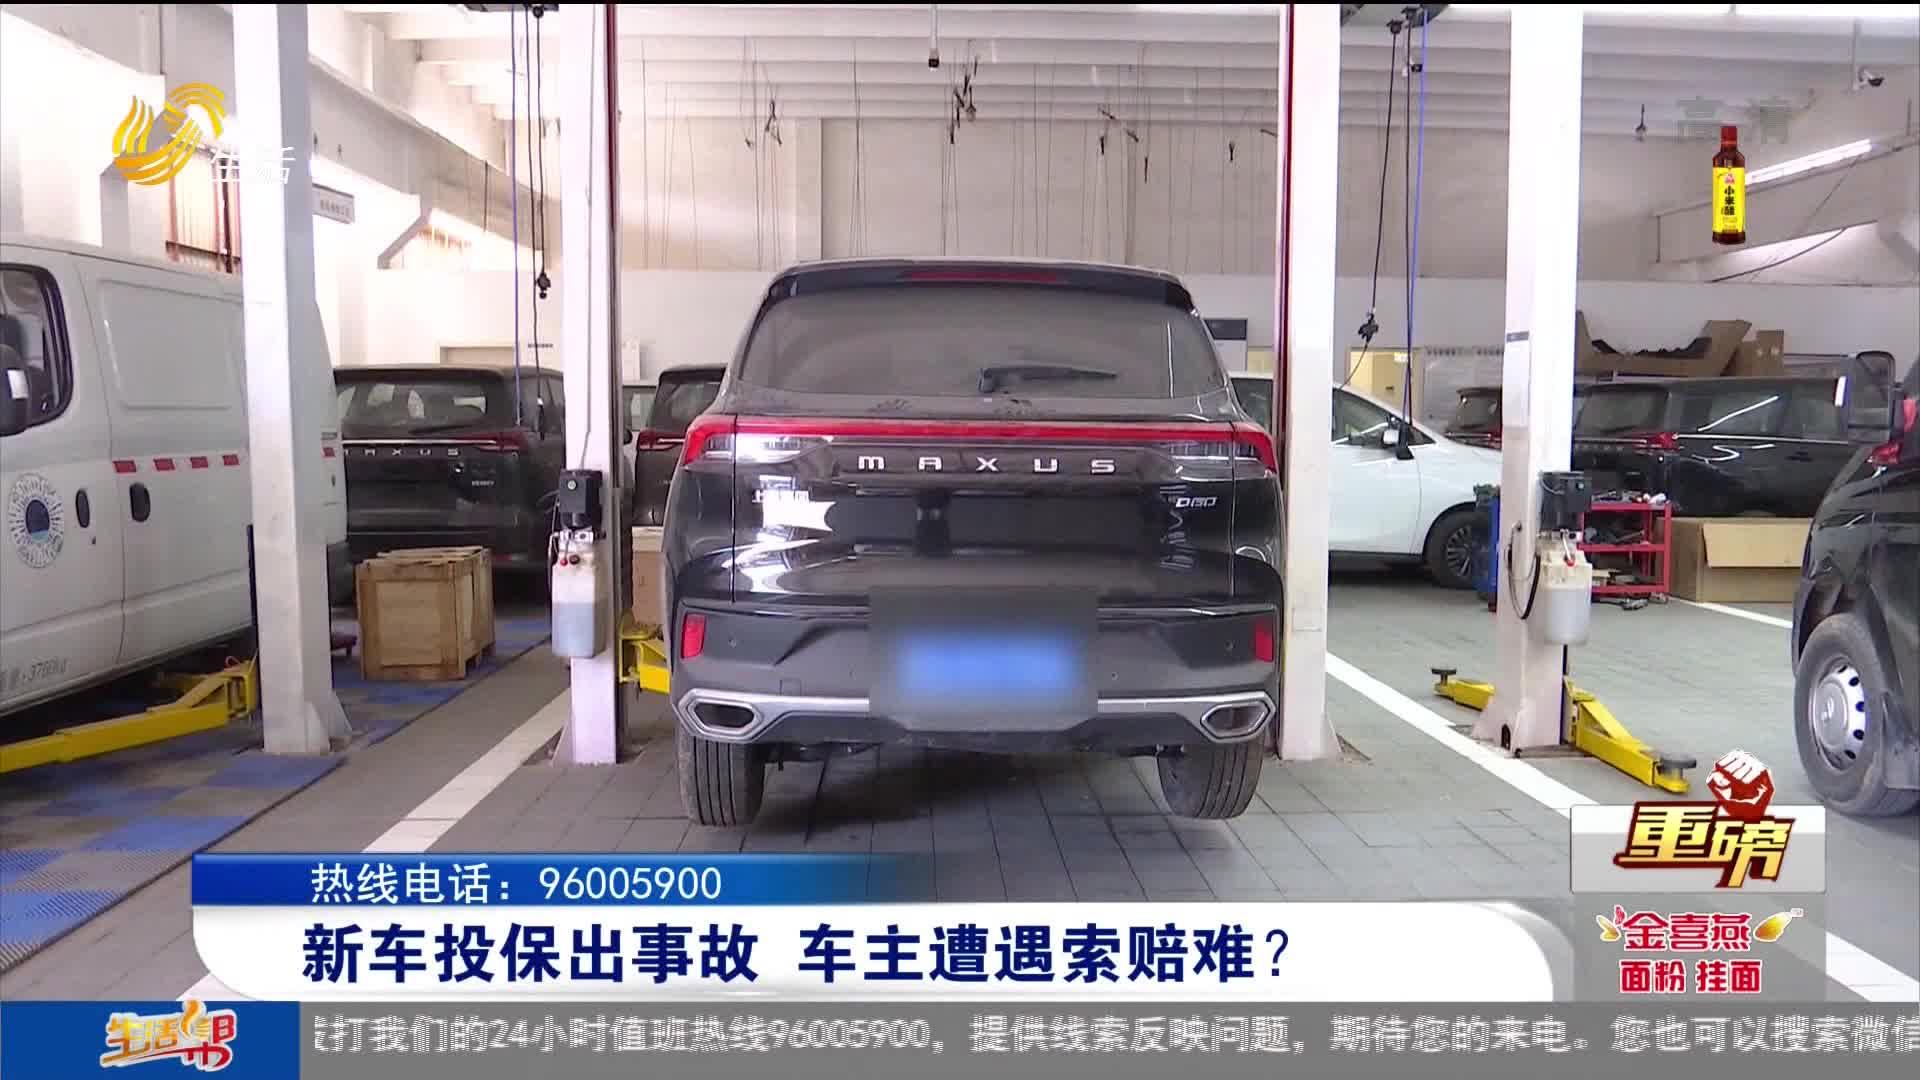 【重磅】新车投保出事故 车主遭遇索赔难?